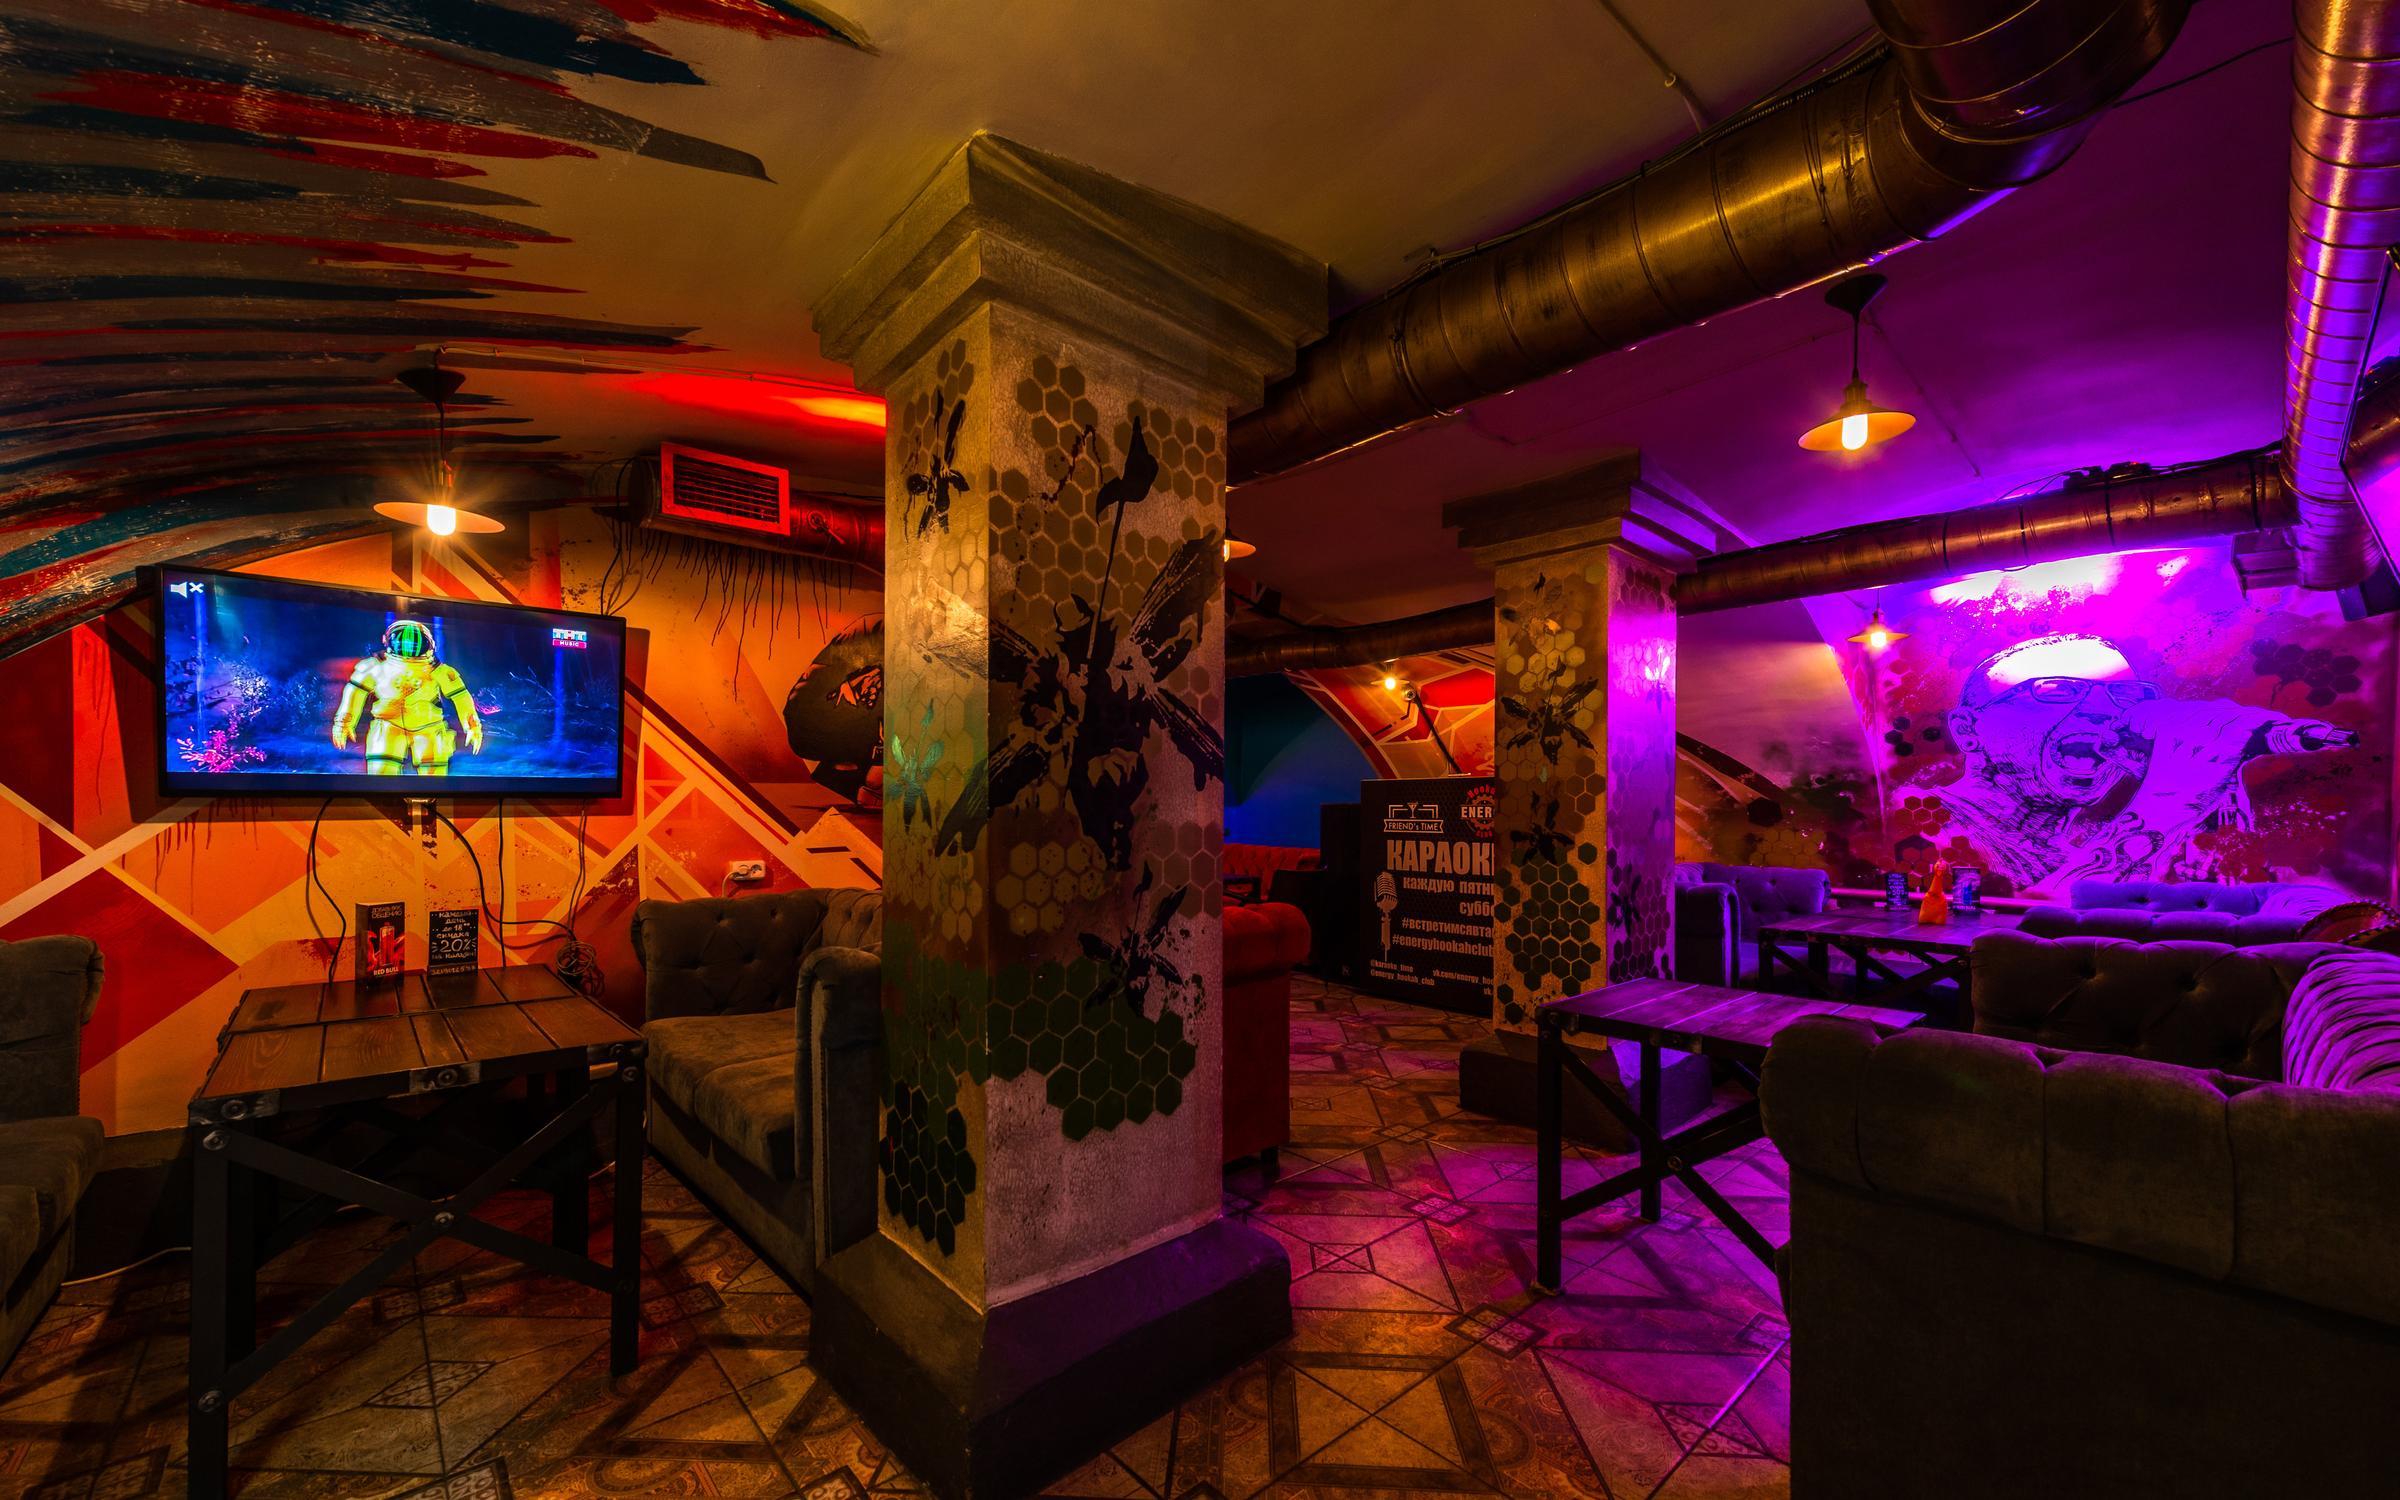 фотография Лаунж-бара Energy Hookah Club на Большой Конюшенной улице